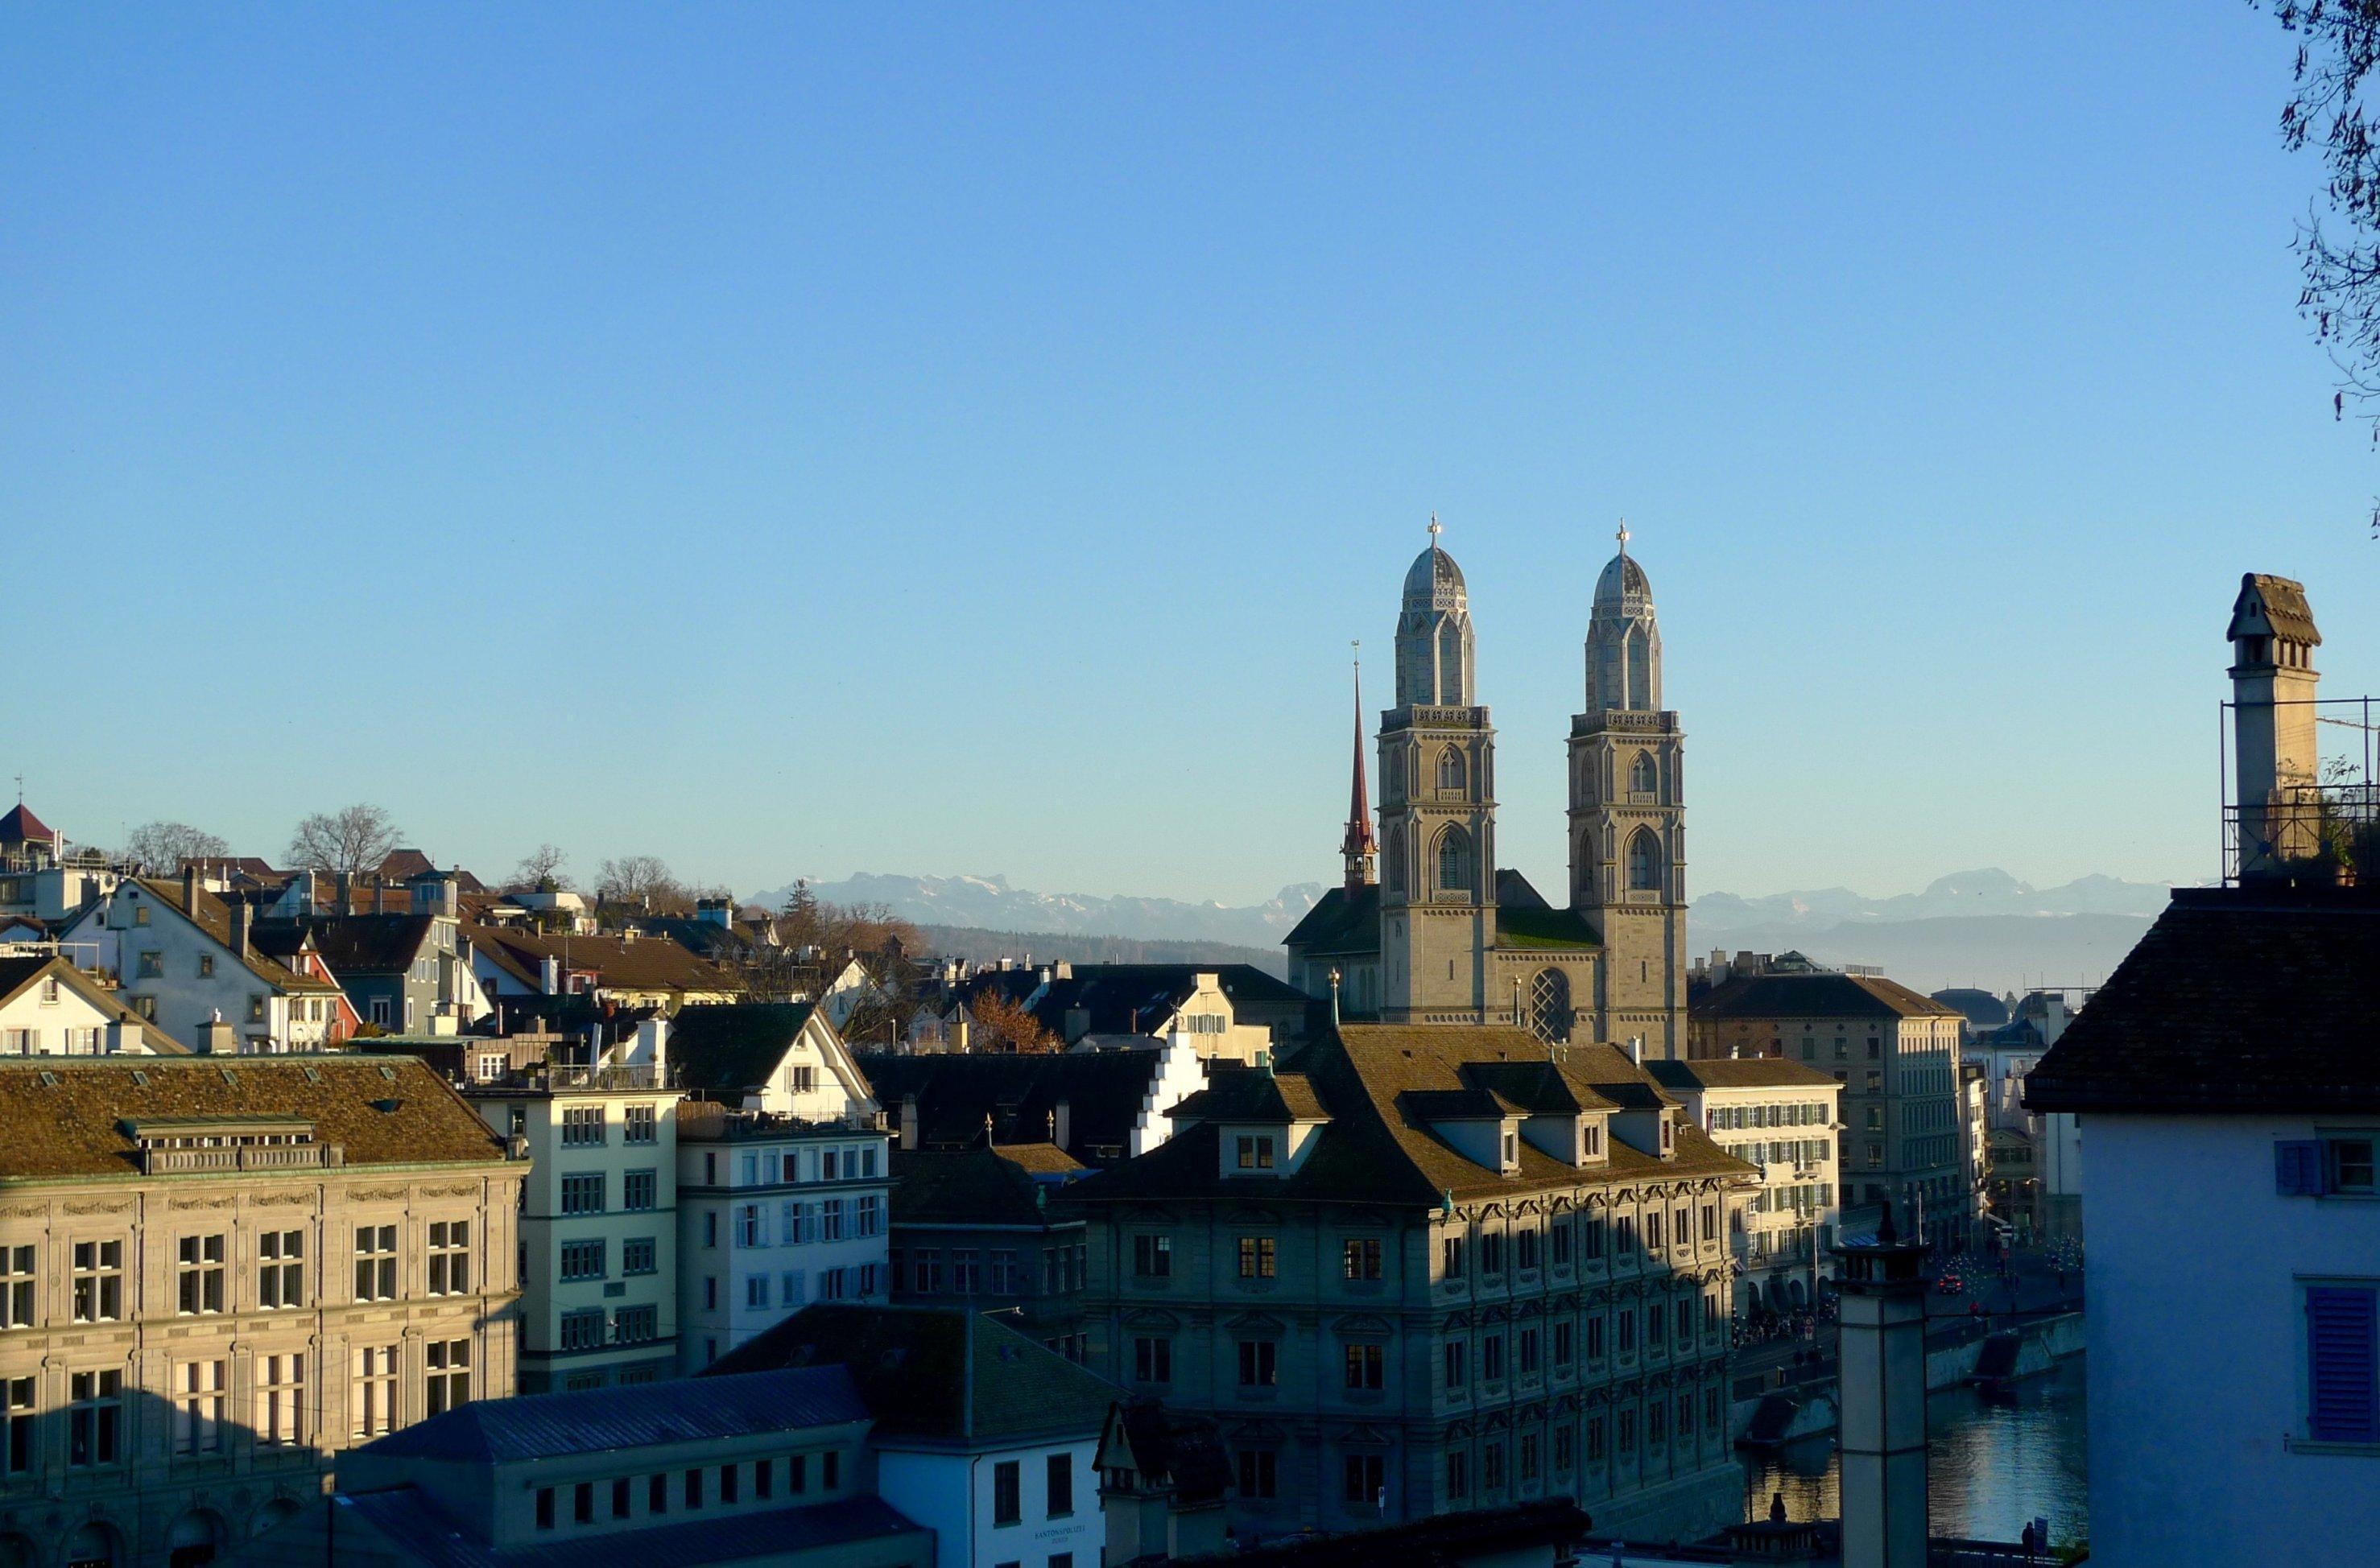 Blick auf die Altstadt von Zürich mit dem Grossmünster. Dort nisten Alpensegler. Hohe Gebäude sind für sie Ersatzfelsen.